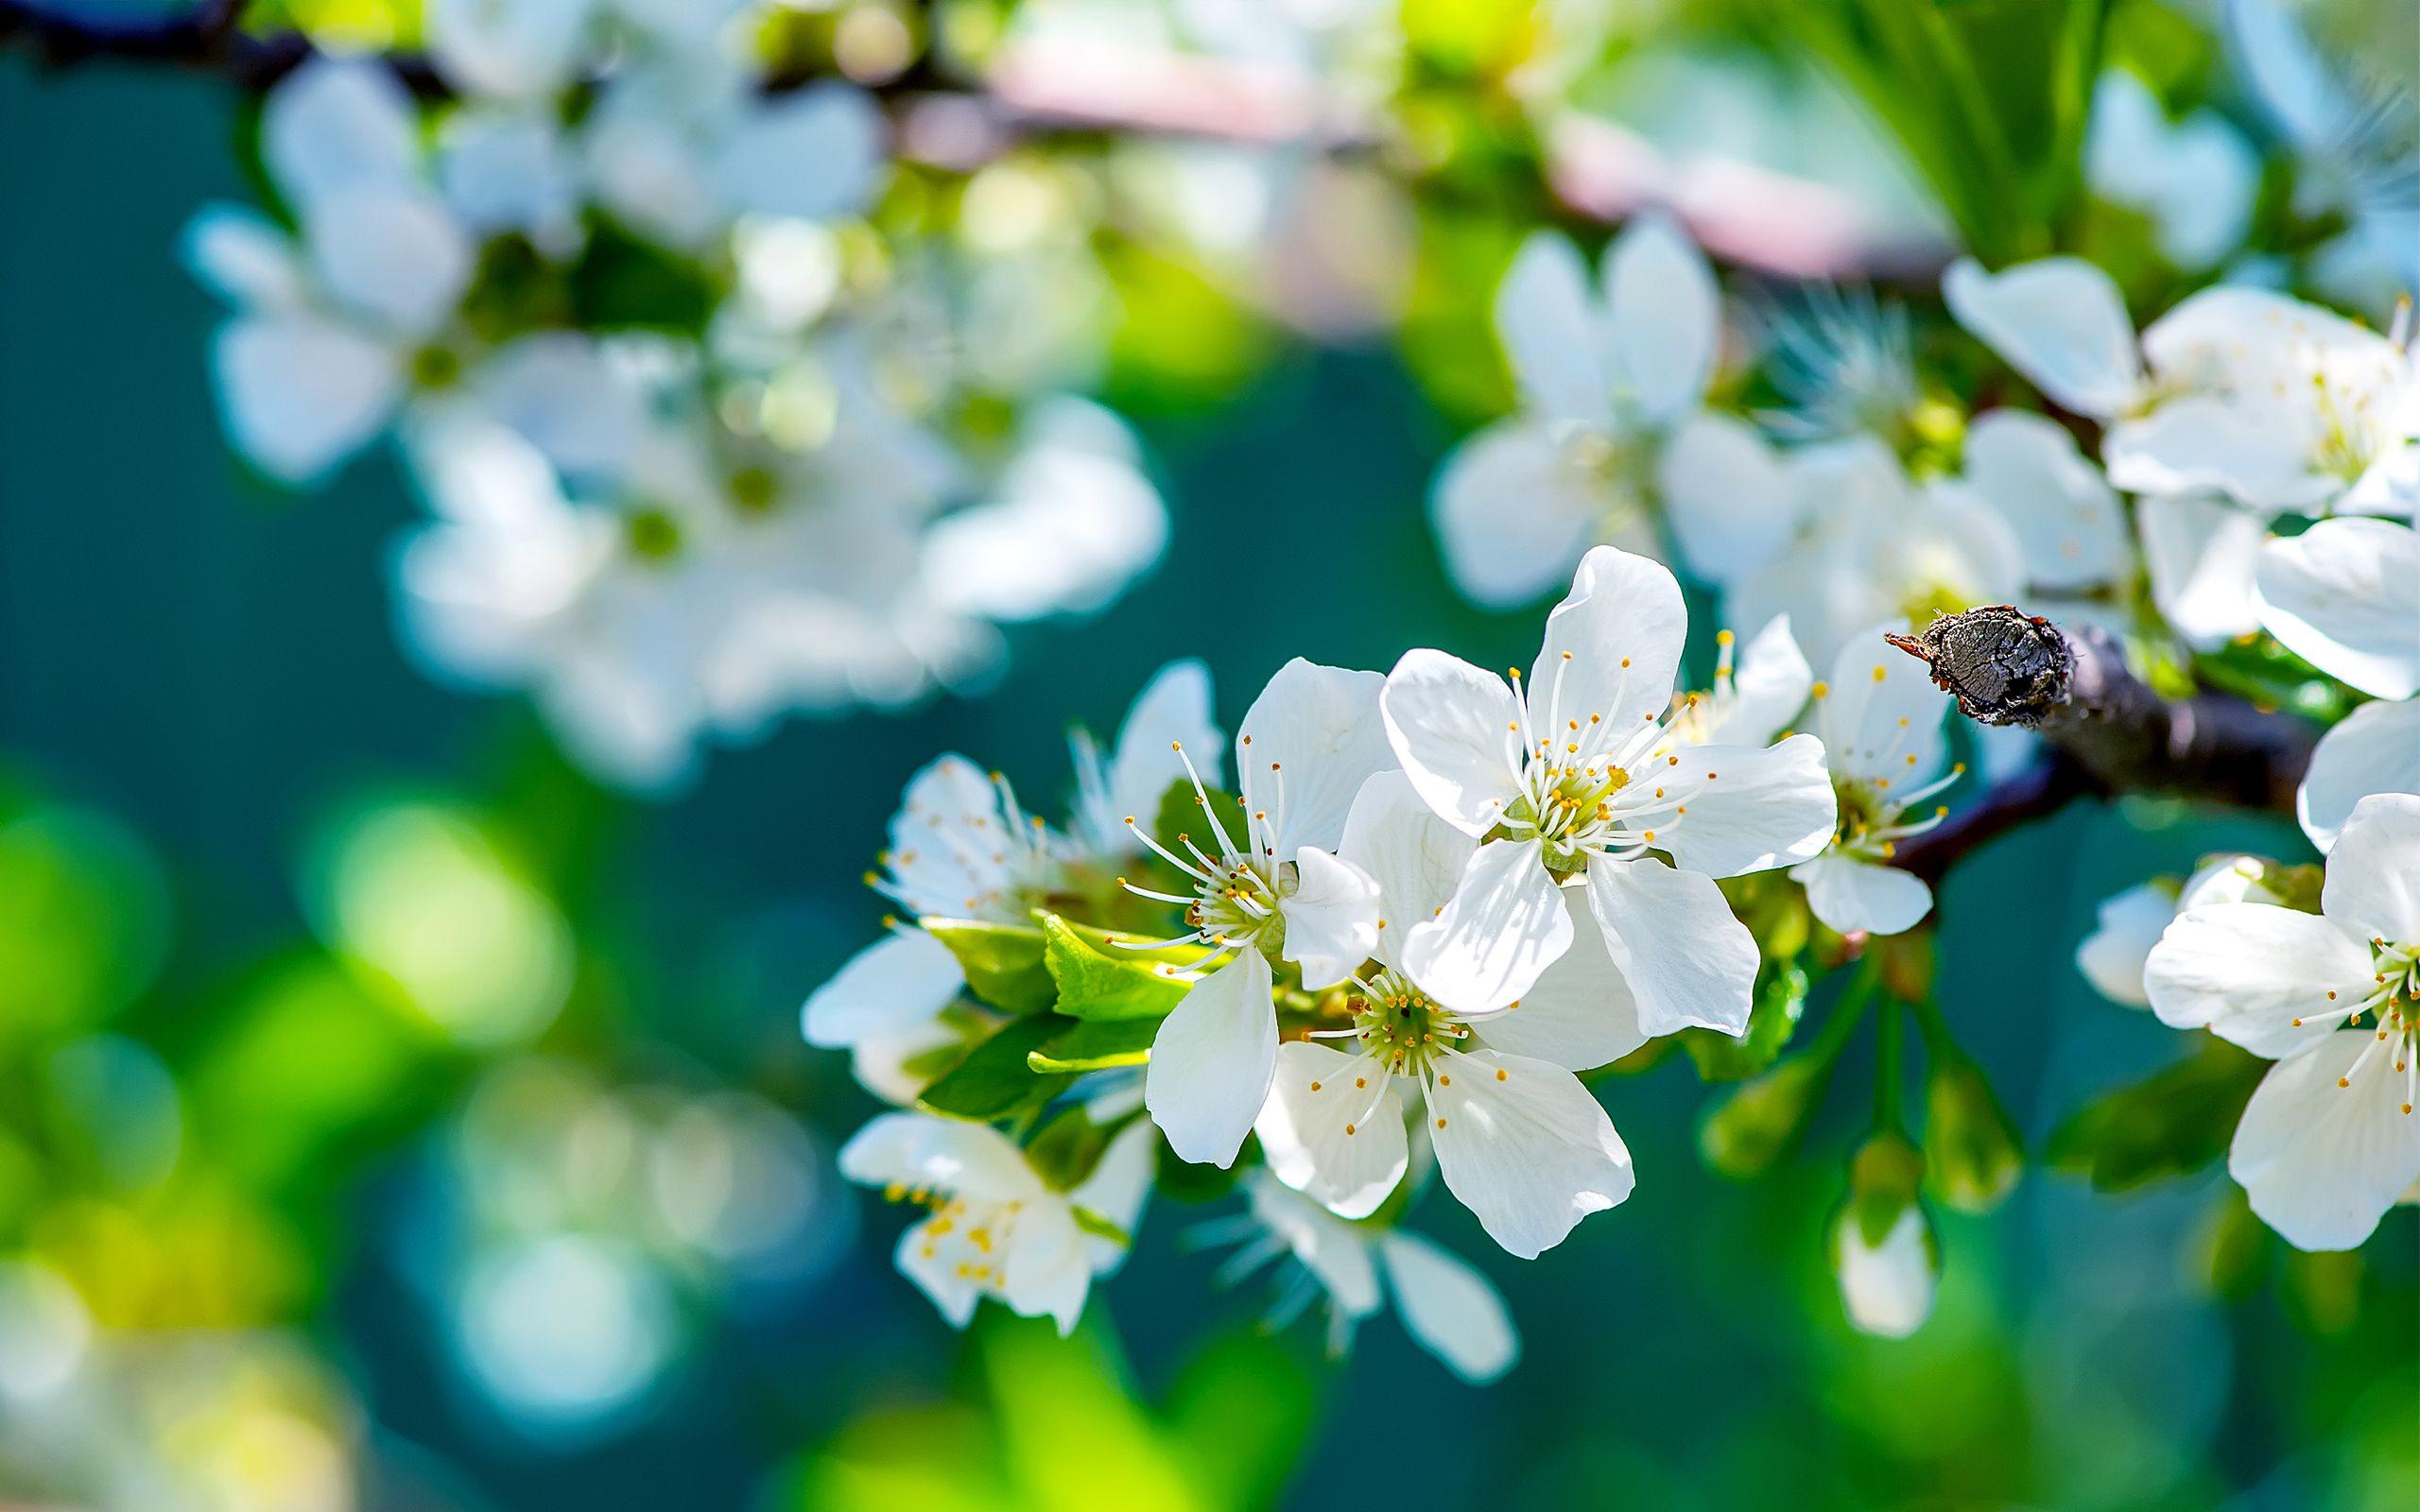 Ultra HD Wallpaper, flower 4K Apple Flowers Wallpapers